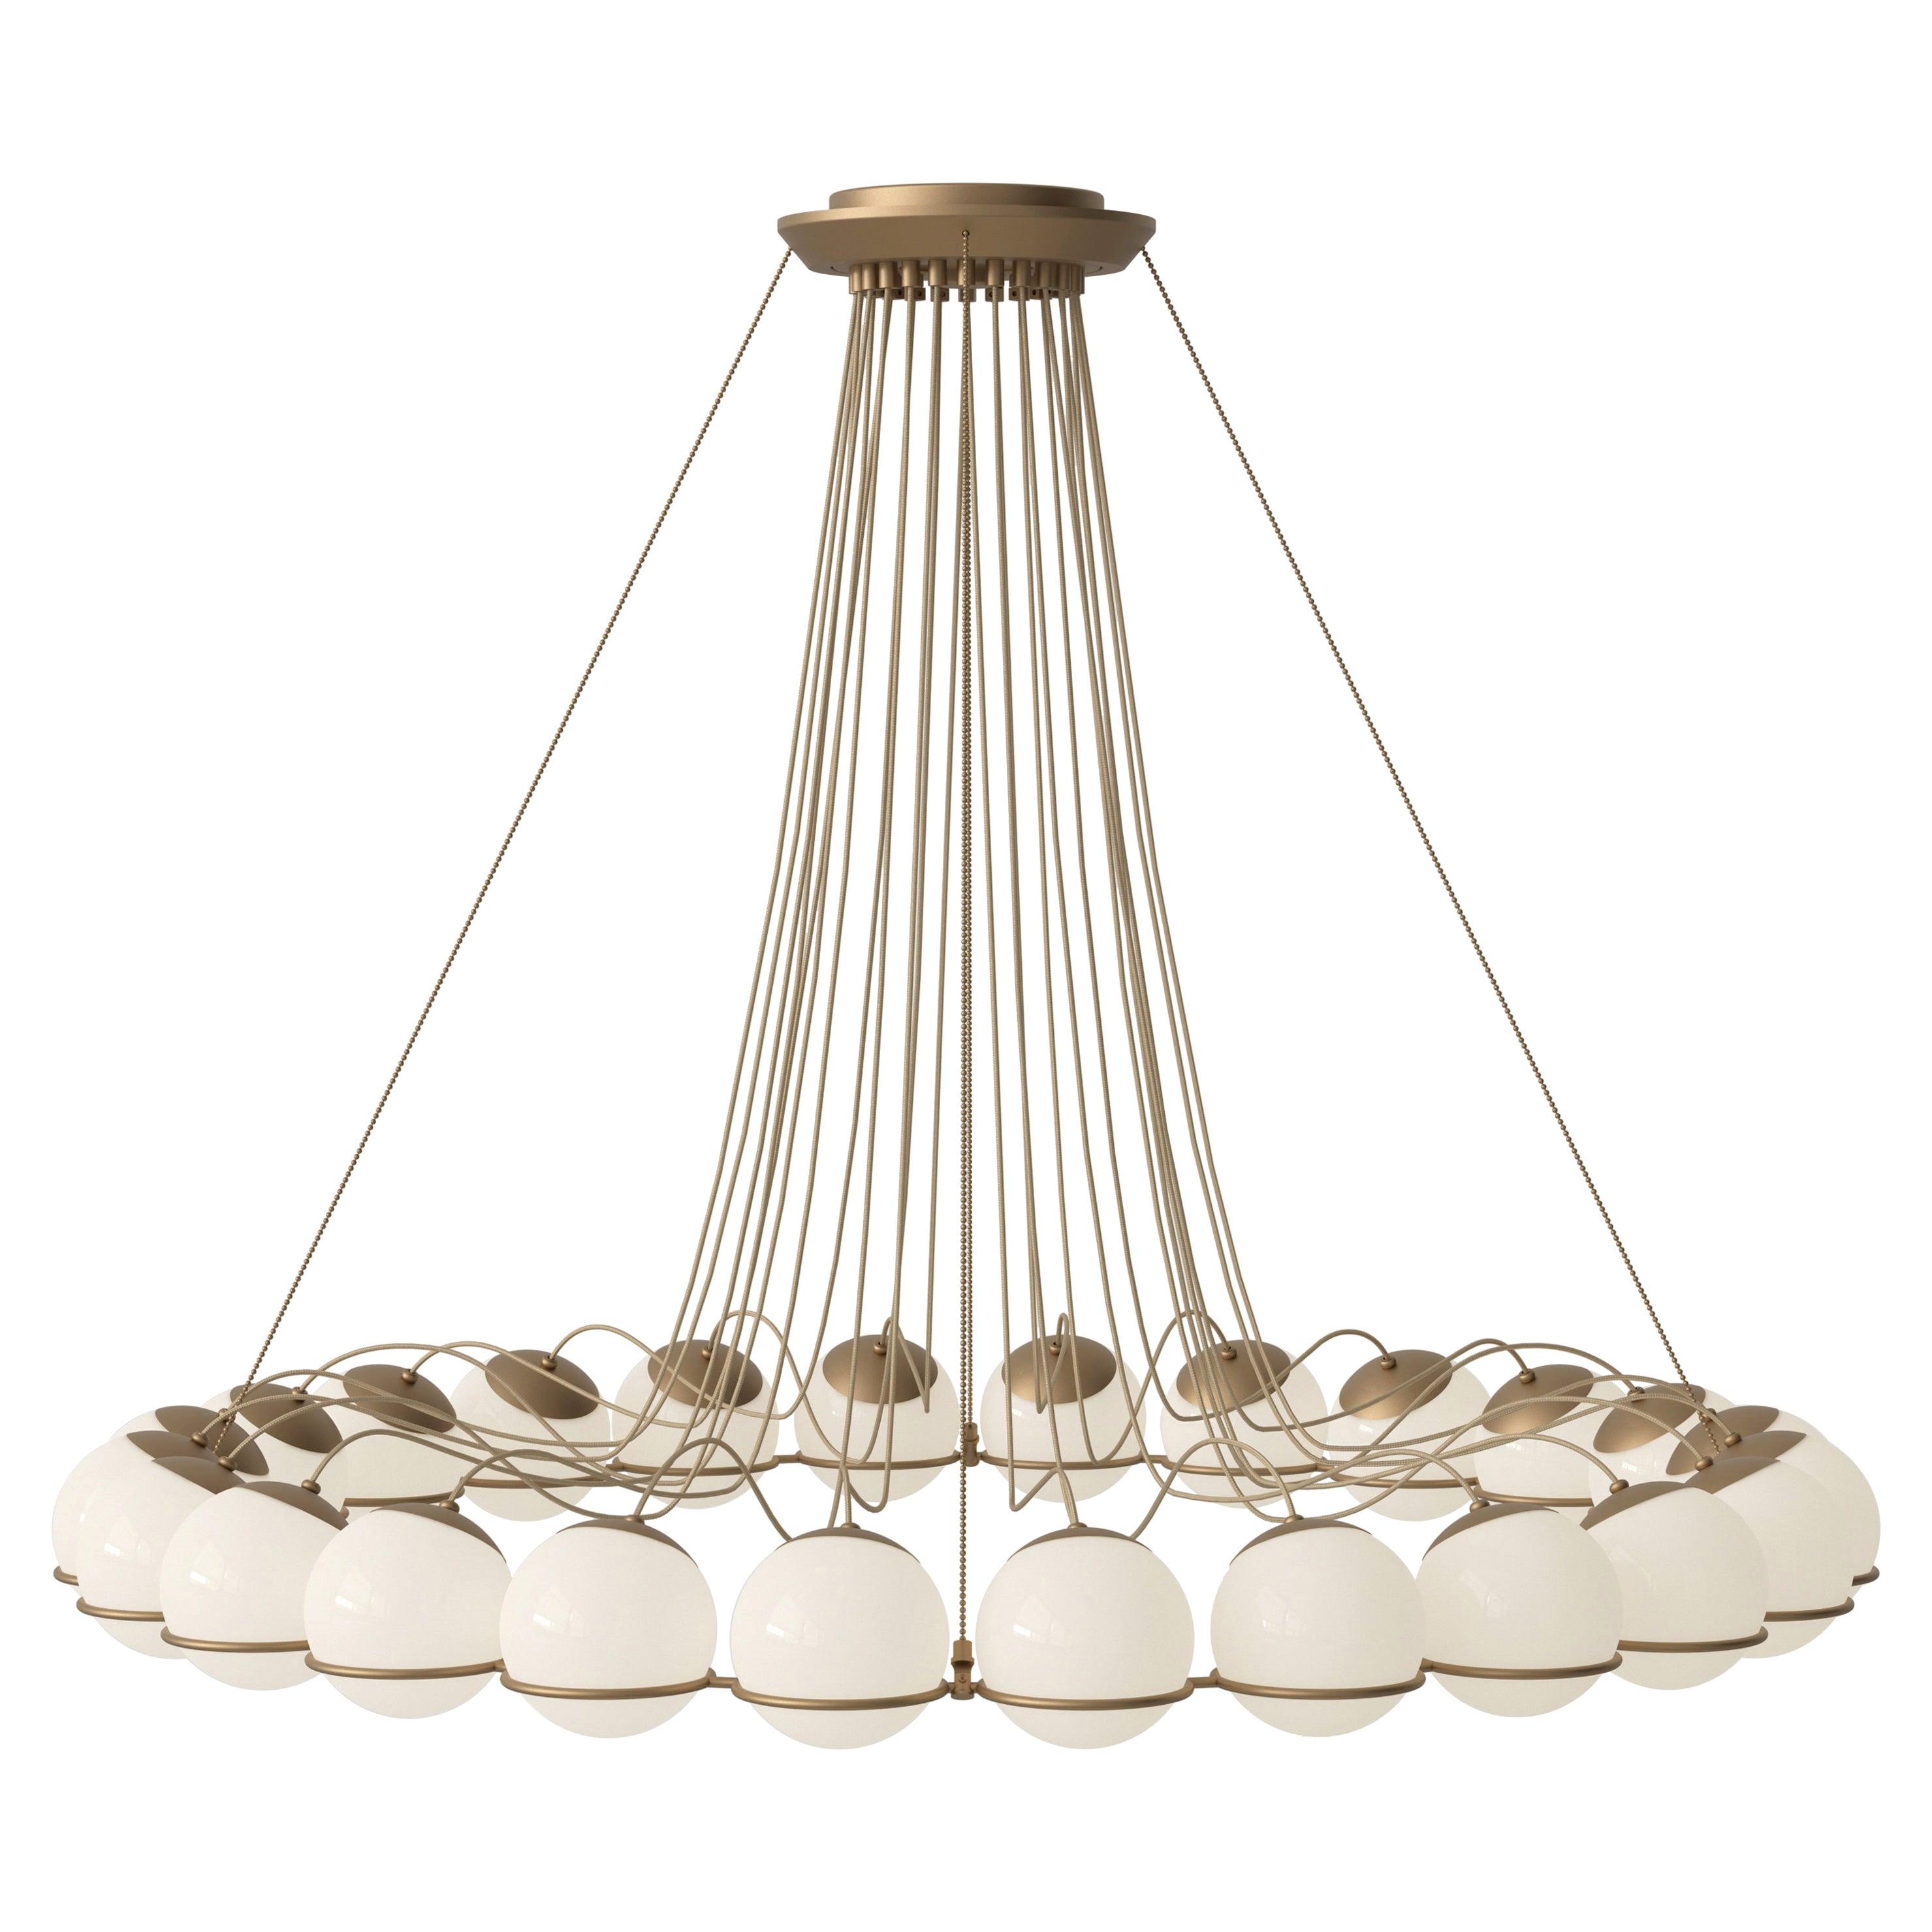 Gino Sarfatti Lamp Model 2109/24/14 Champagne Structure